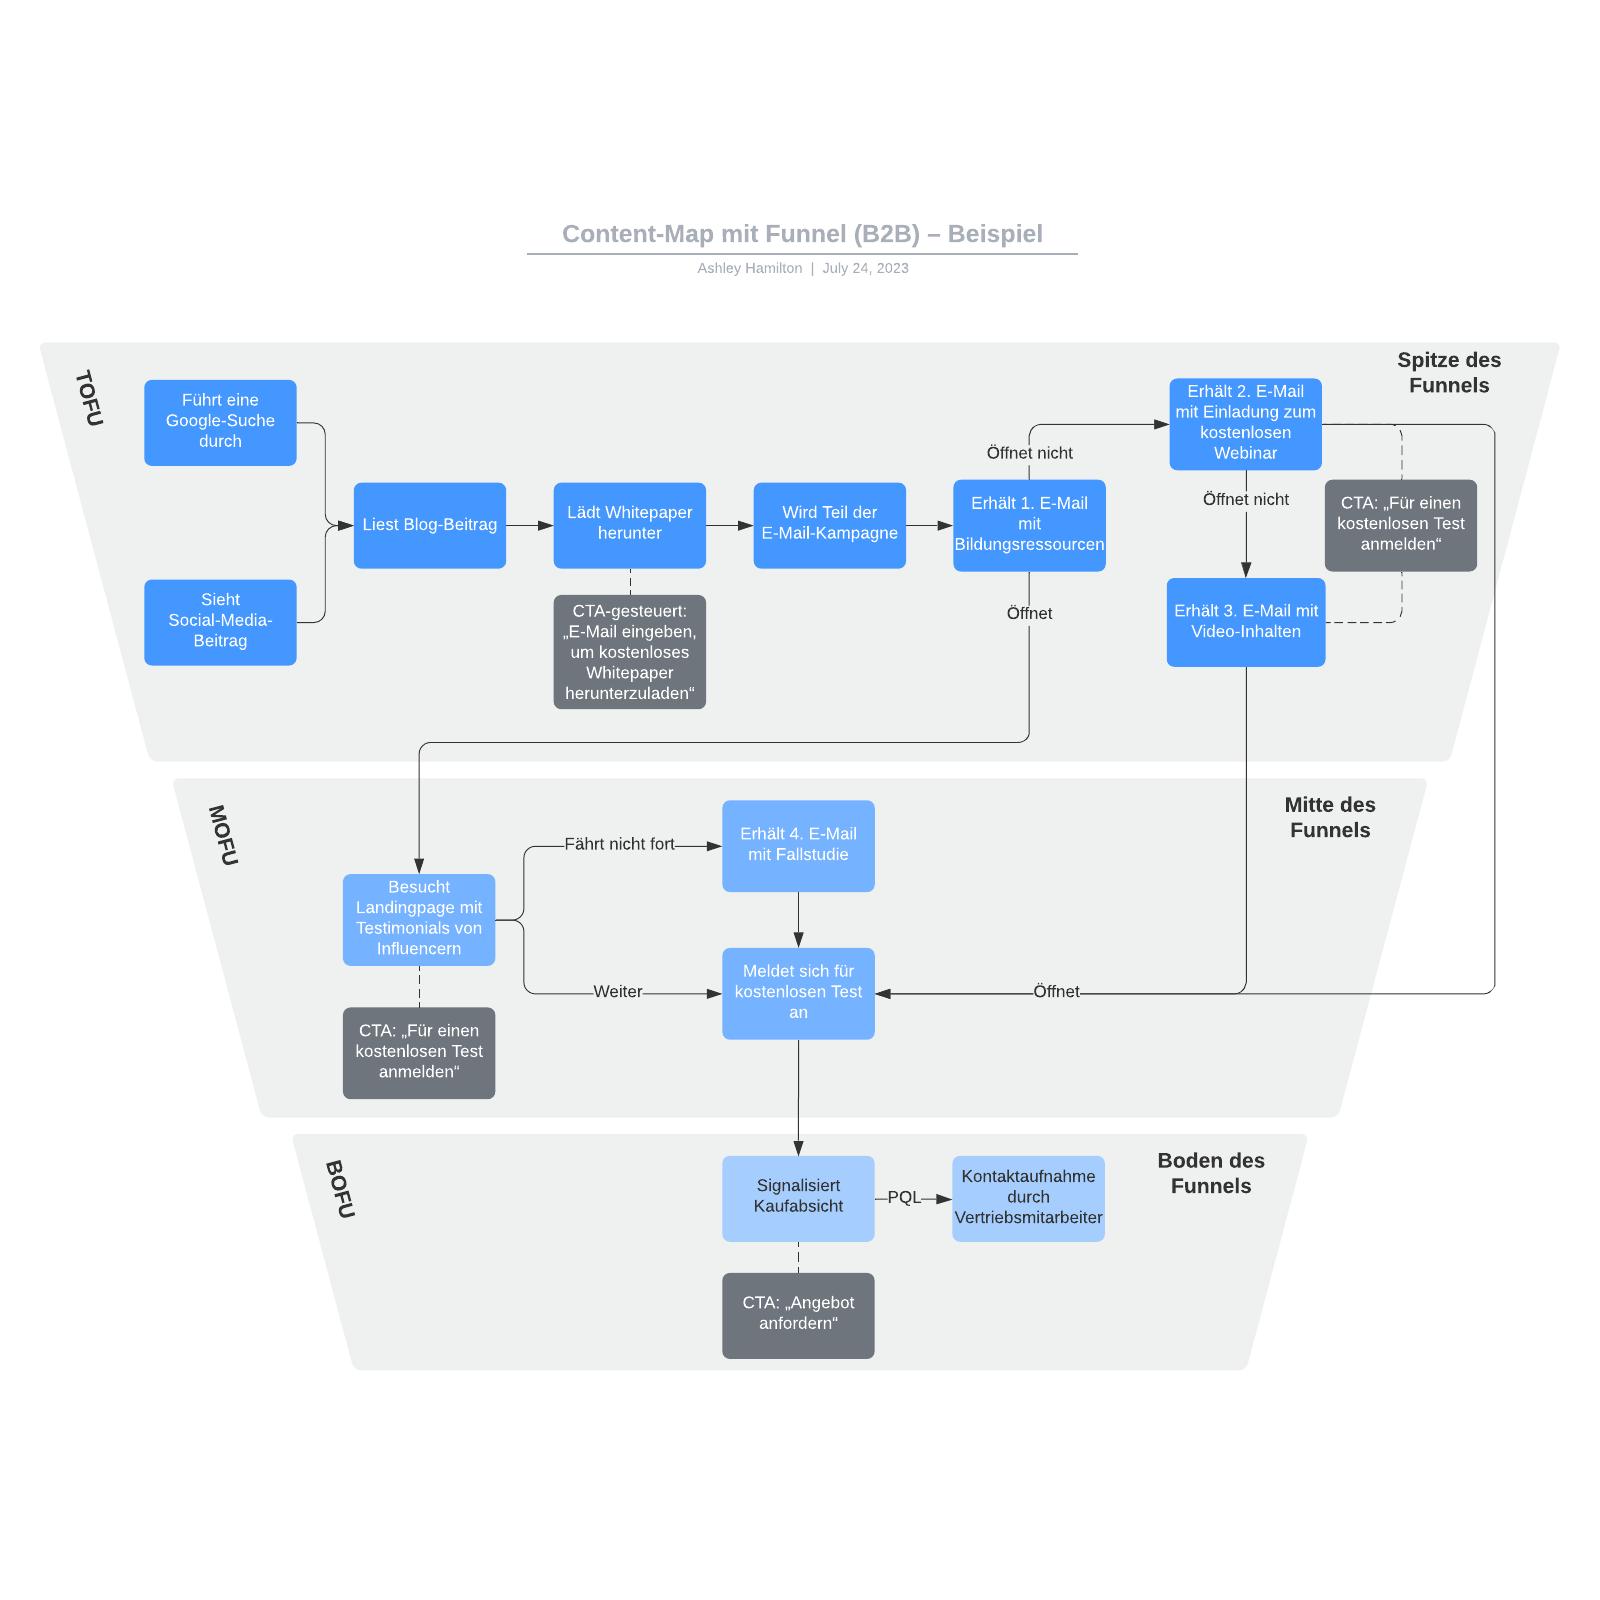 Content-Map mit Funnel (B2B)– Beispiel